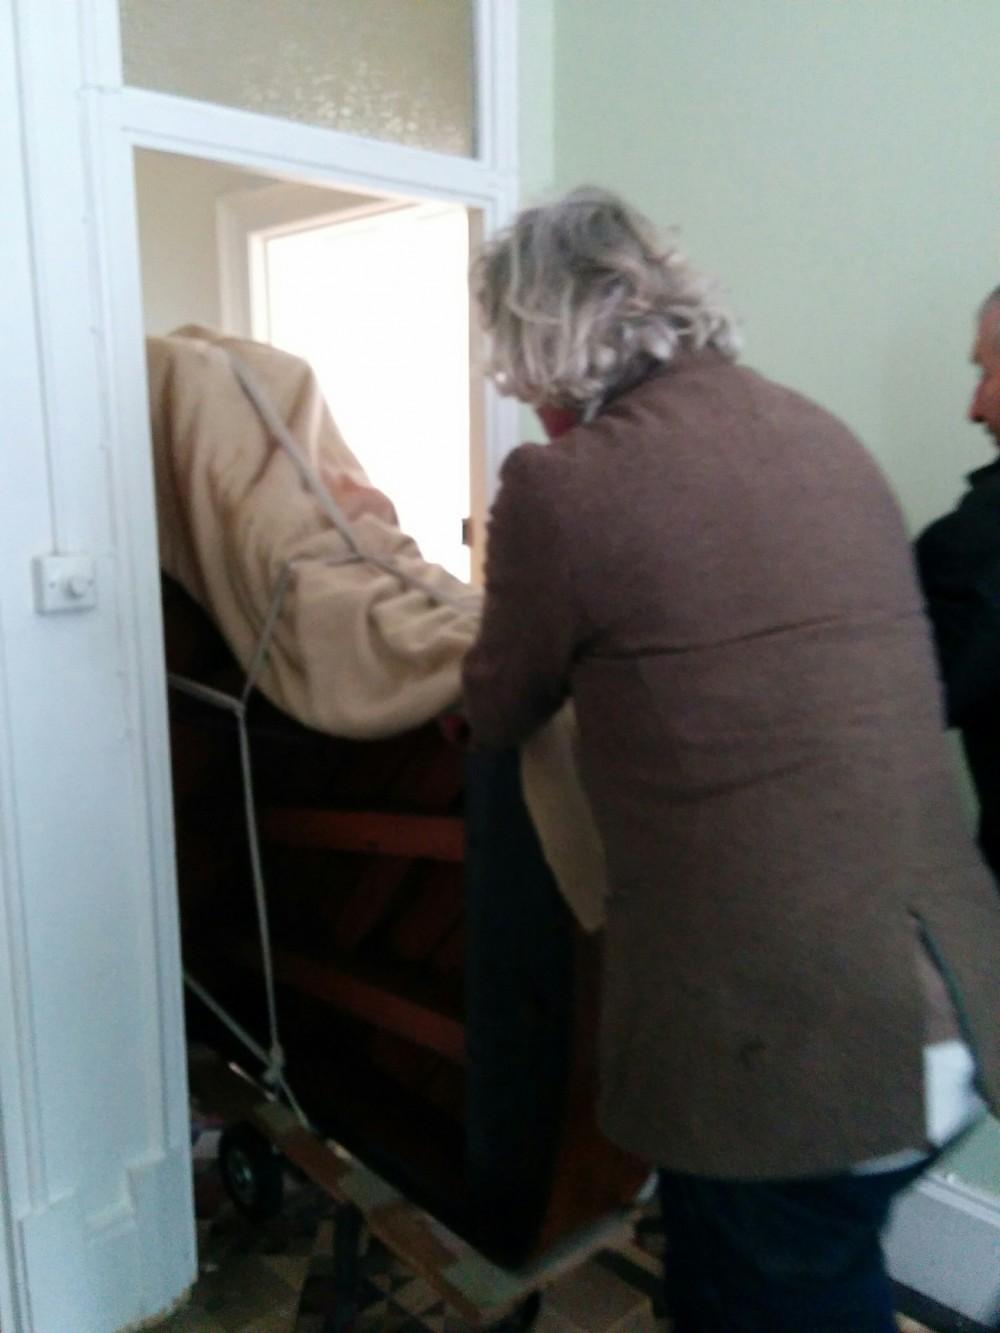 In through the door to the flat